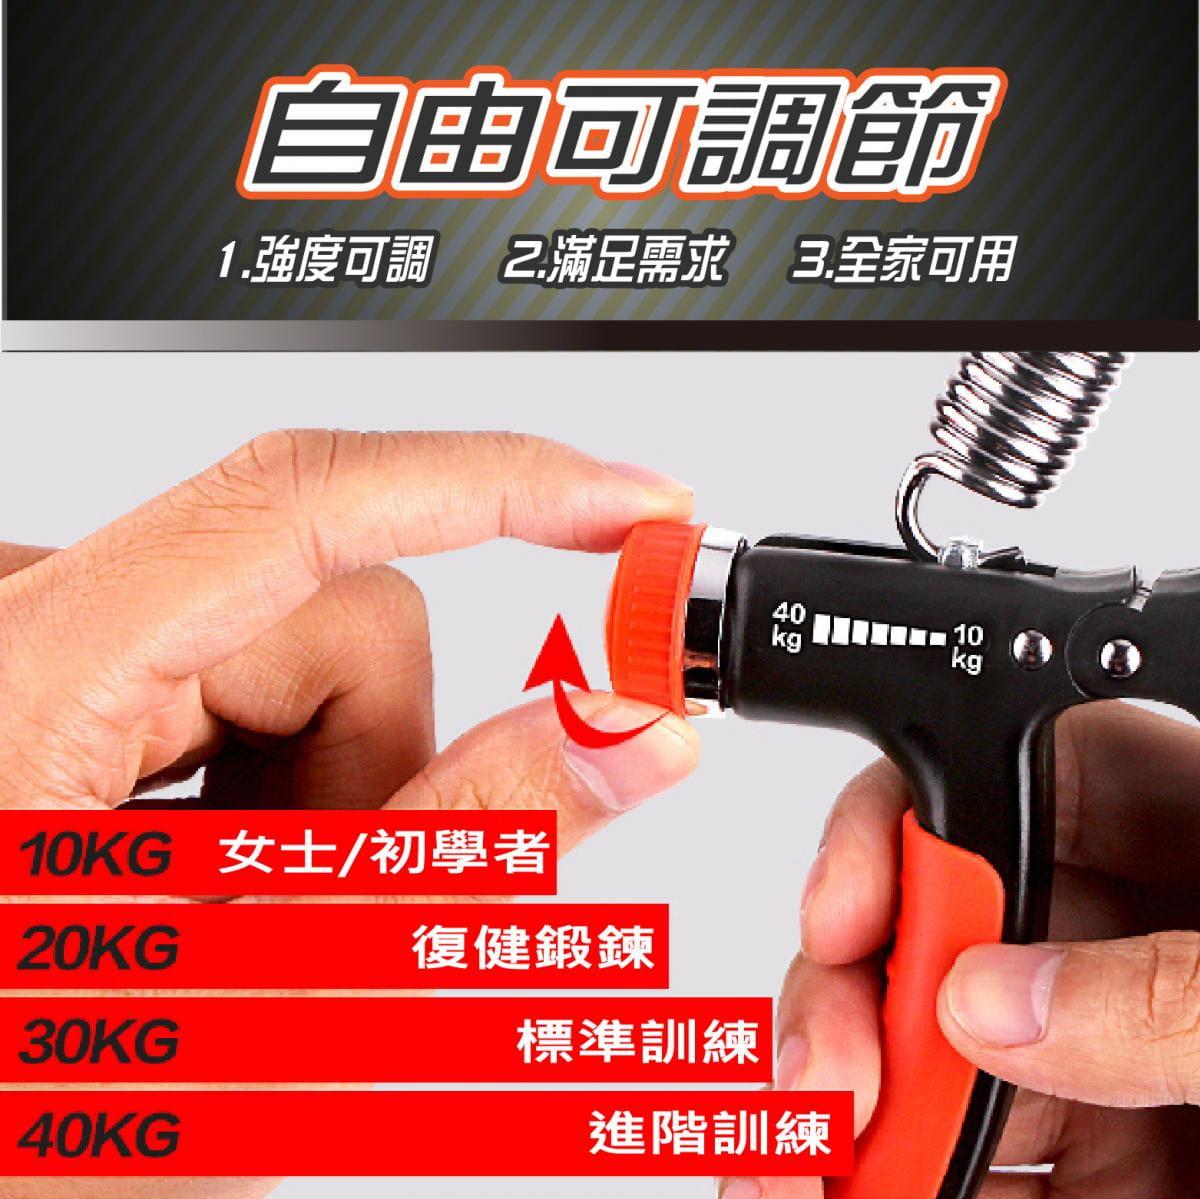 可調節式 握力器10~40KG 握力 腕力 握力訓練器 手腕訓練 腕力器 健身器材 紓壓 增肌 1